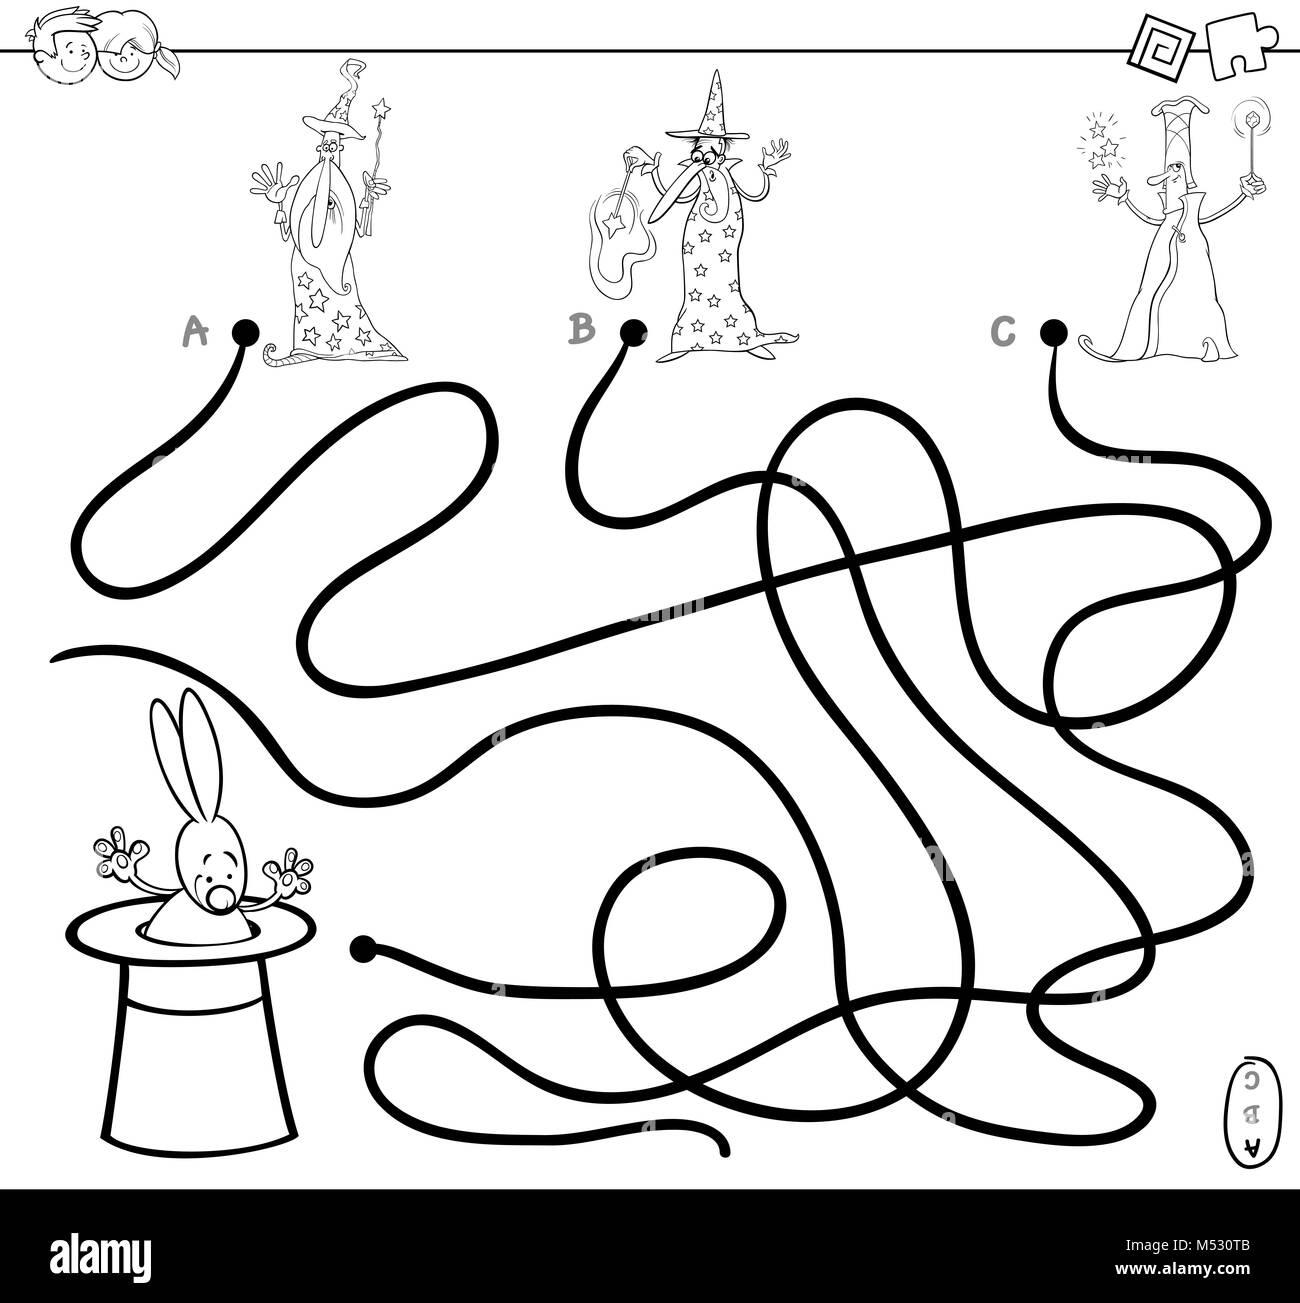 Gemütlich Labyrinth Färbung Seite 2 Bilder - Framing Malvorlagen ...